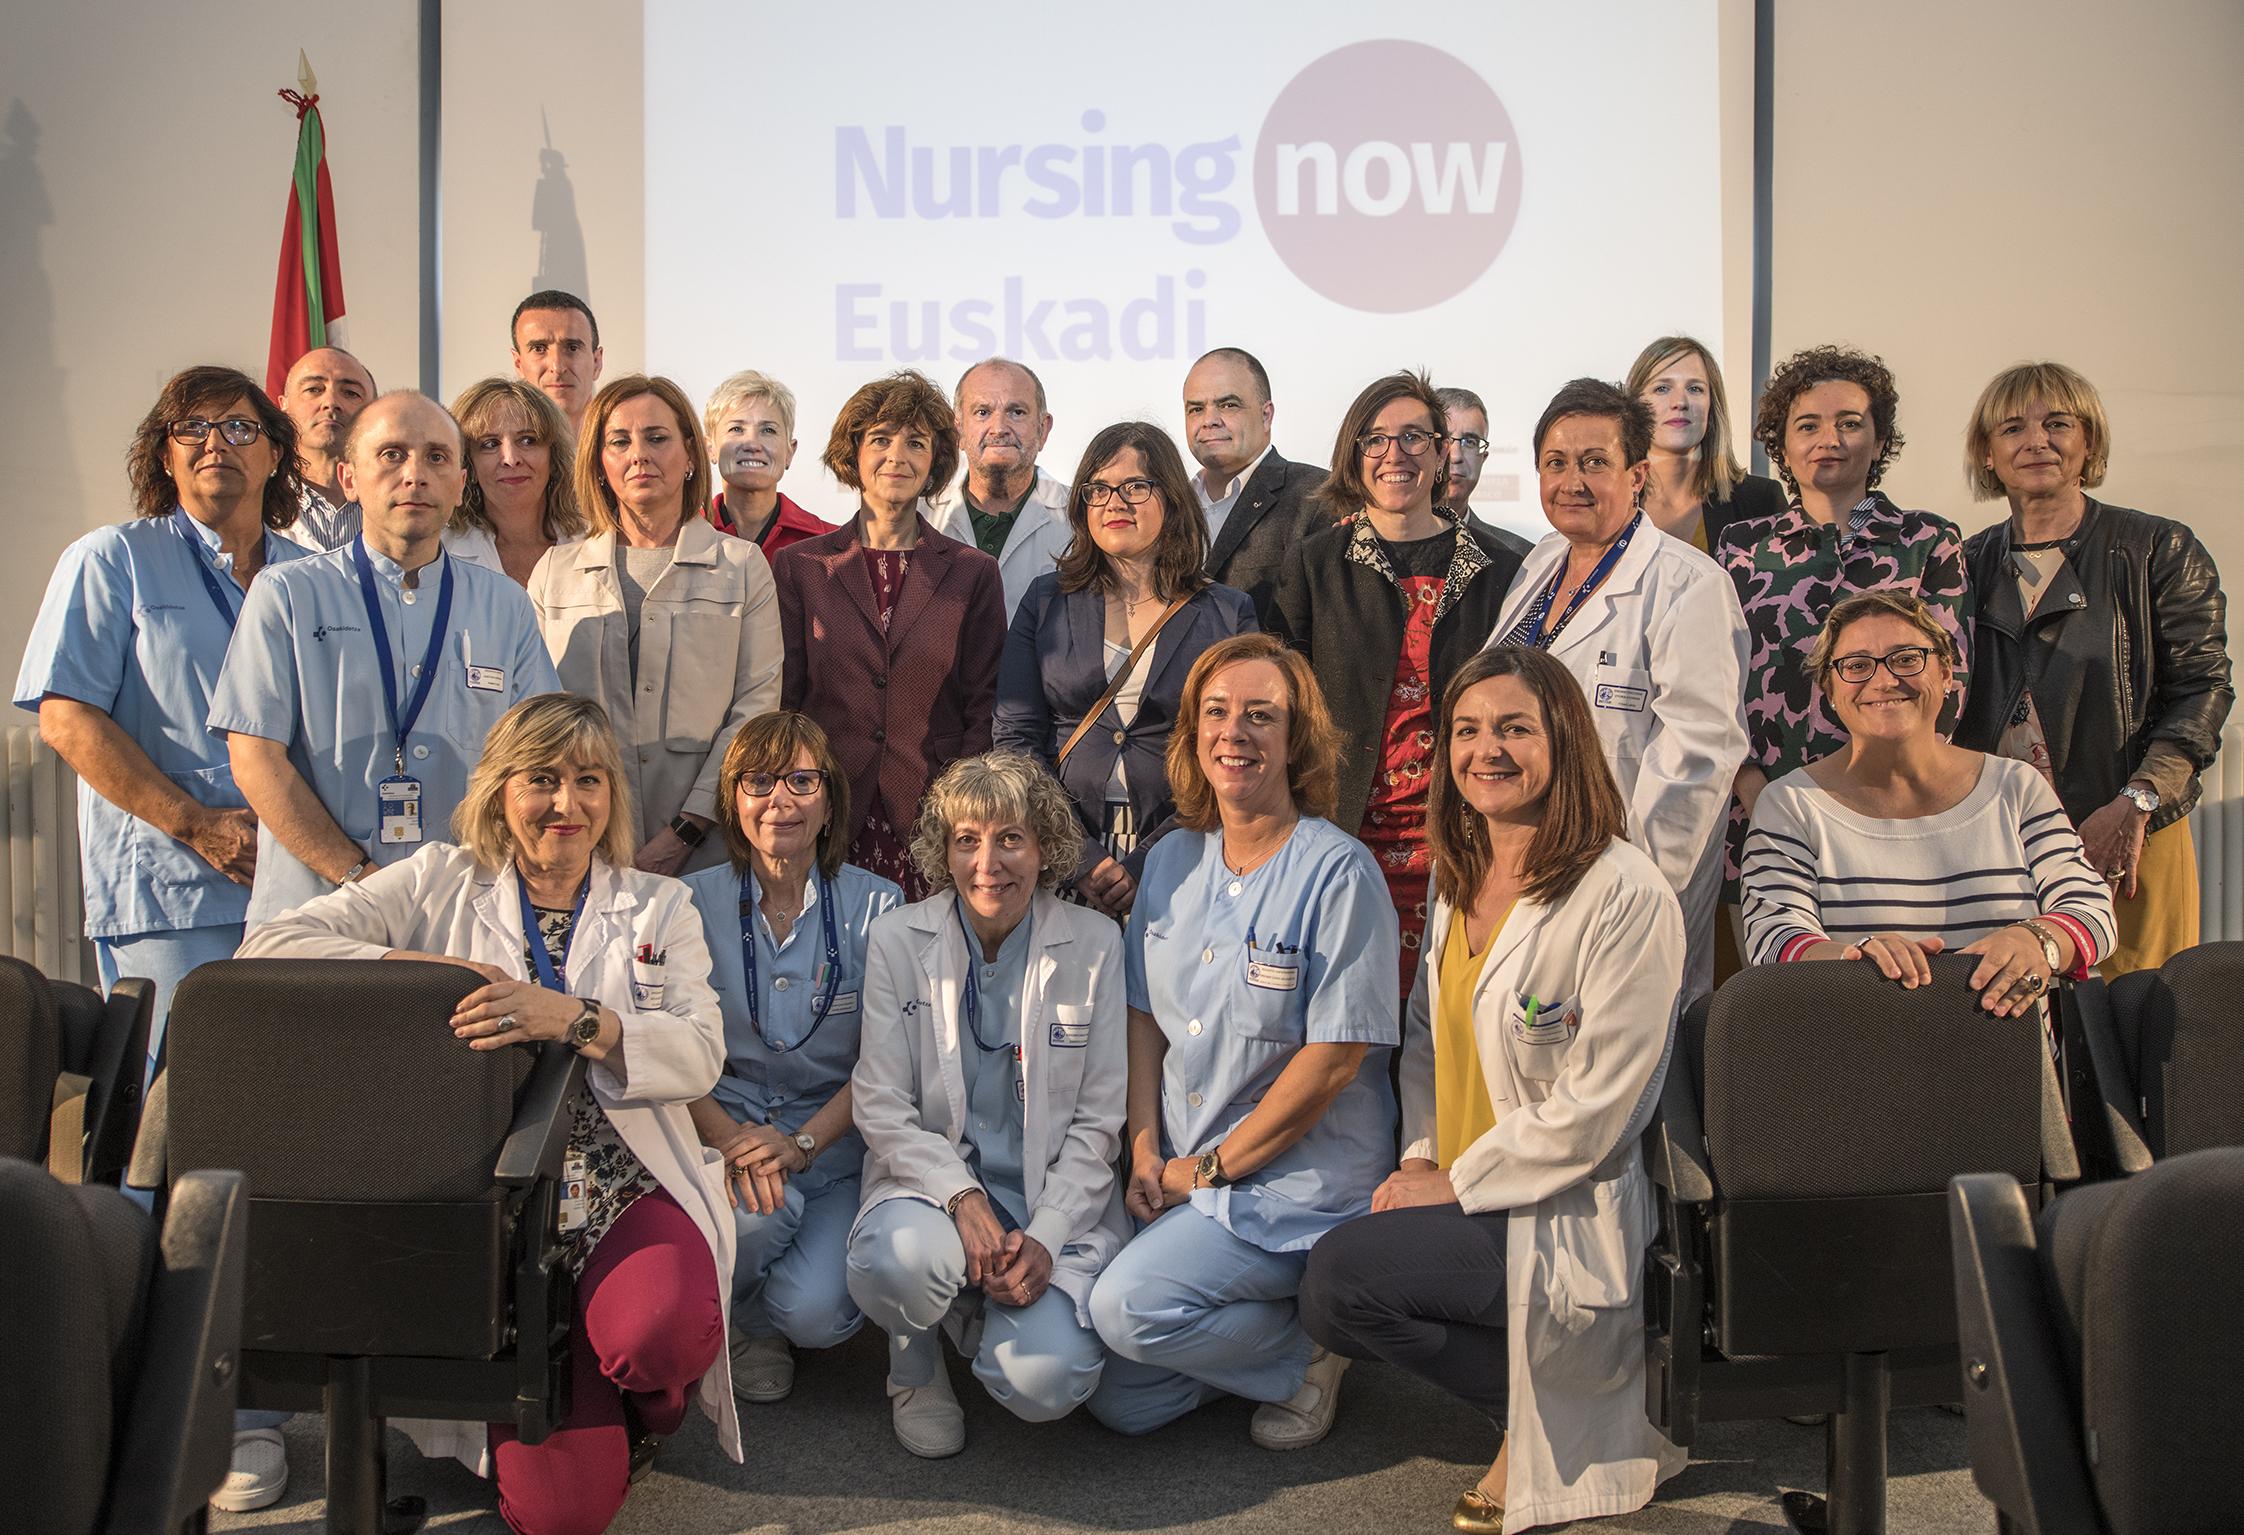 Euskadi erizaintzaren eginkizuna sustatzeko Nursing Now nazioarteko kanpainari atxiki zaio